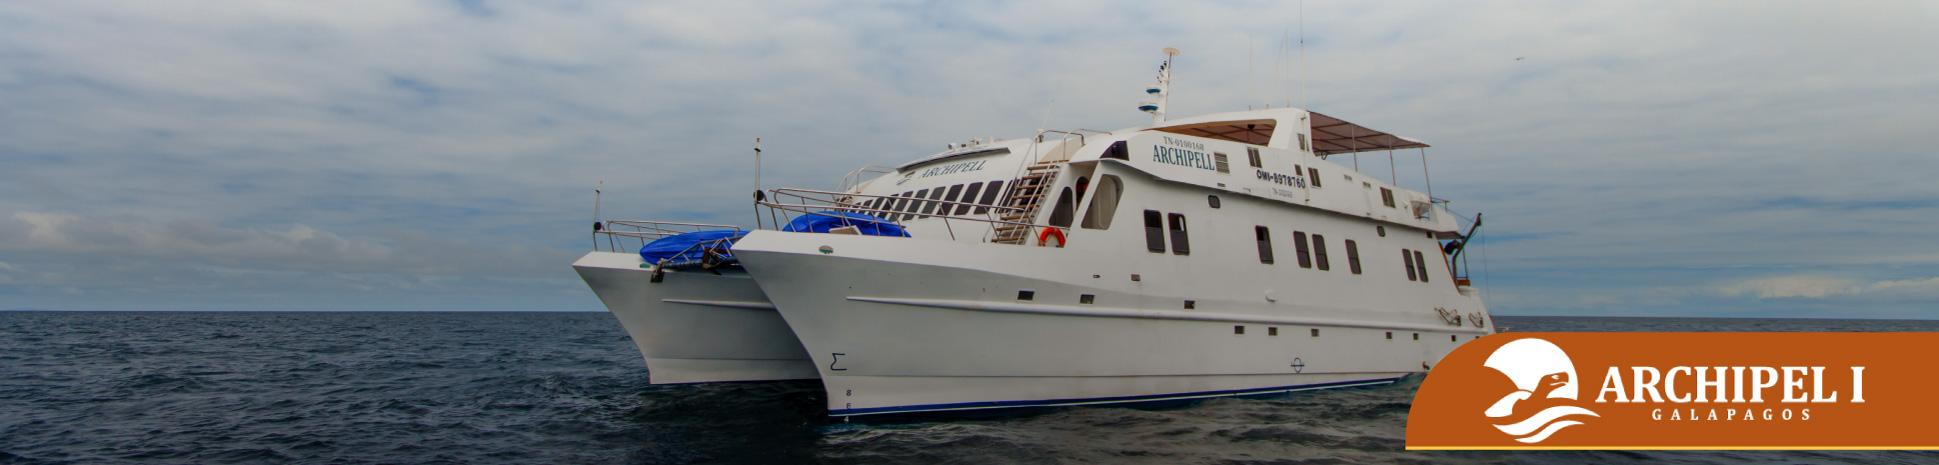 Archipel I Itinerario Galapagos Ecuador tour navegable